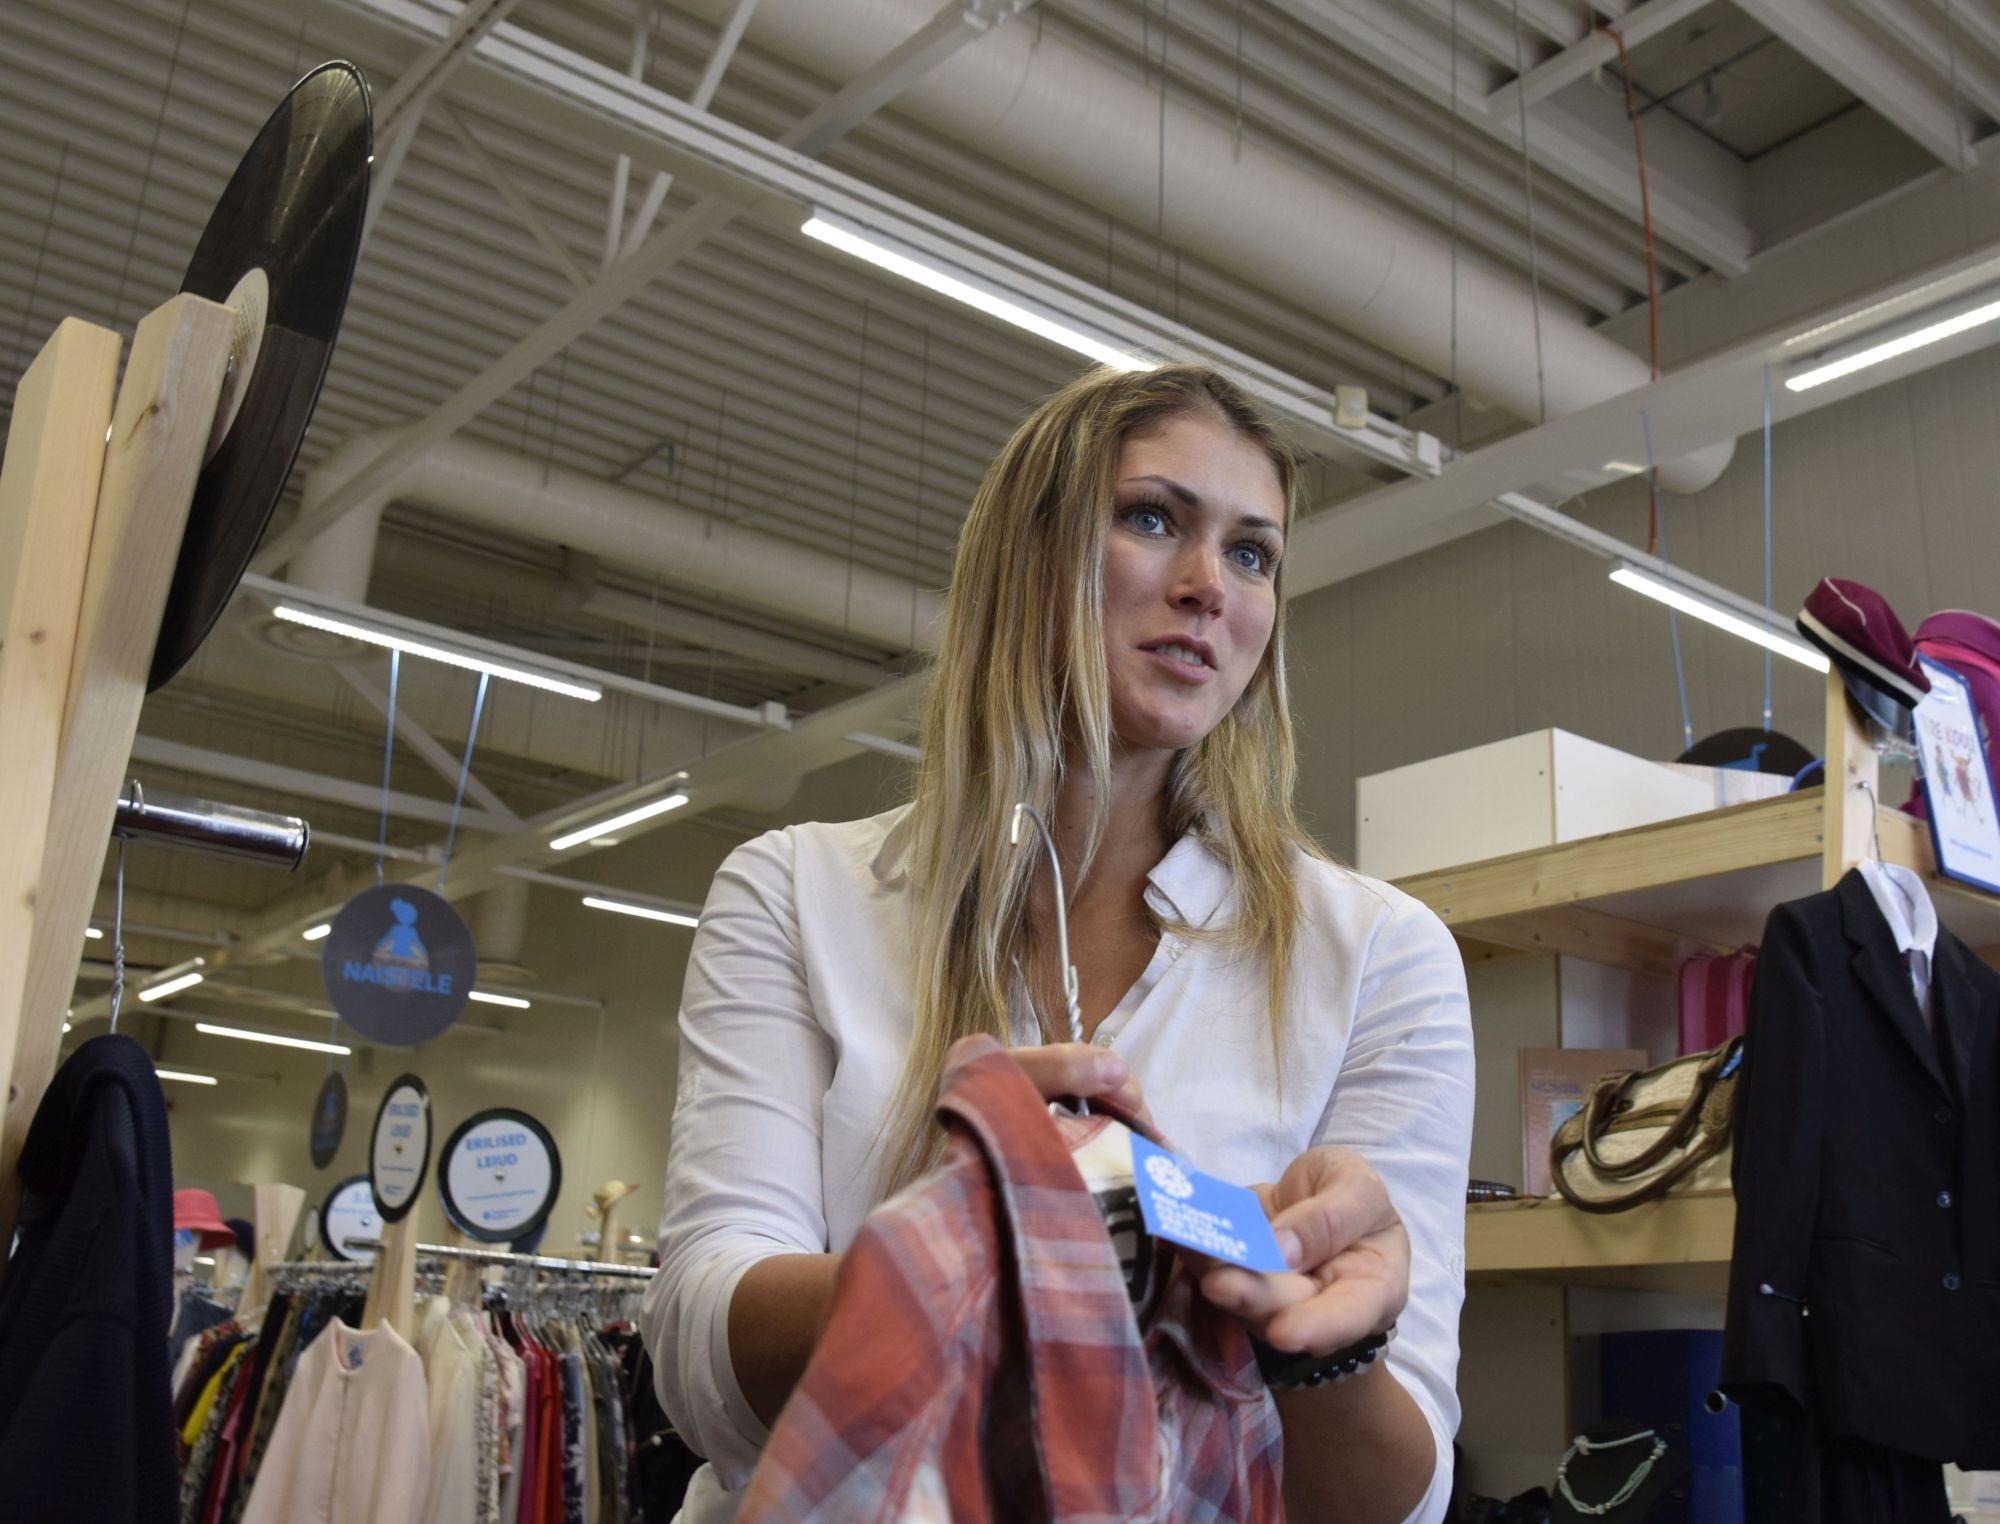 Uuskasutuskeskusesse annetatakse igas kuus 70 tonni tekstiilitooteid, millest vaid pool kõlbab kasutada